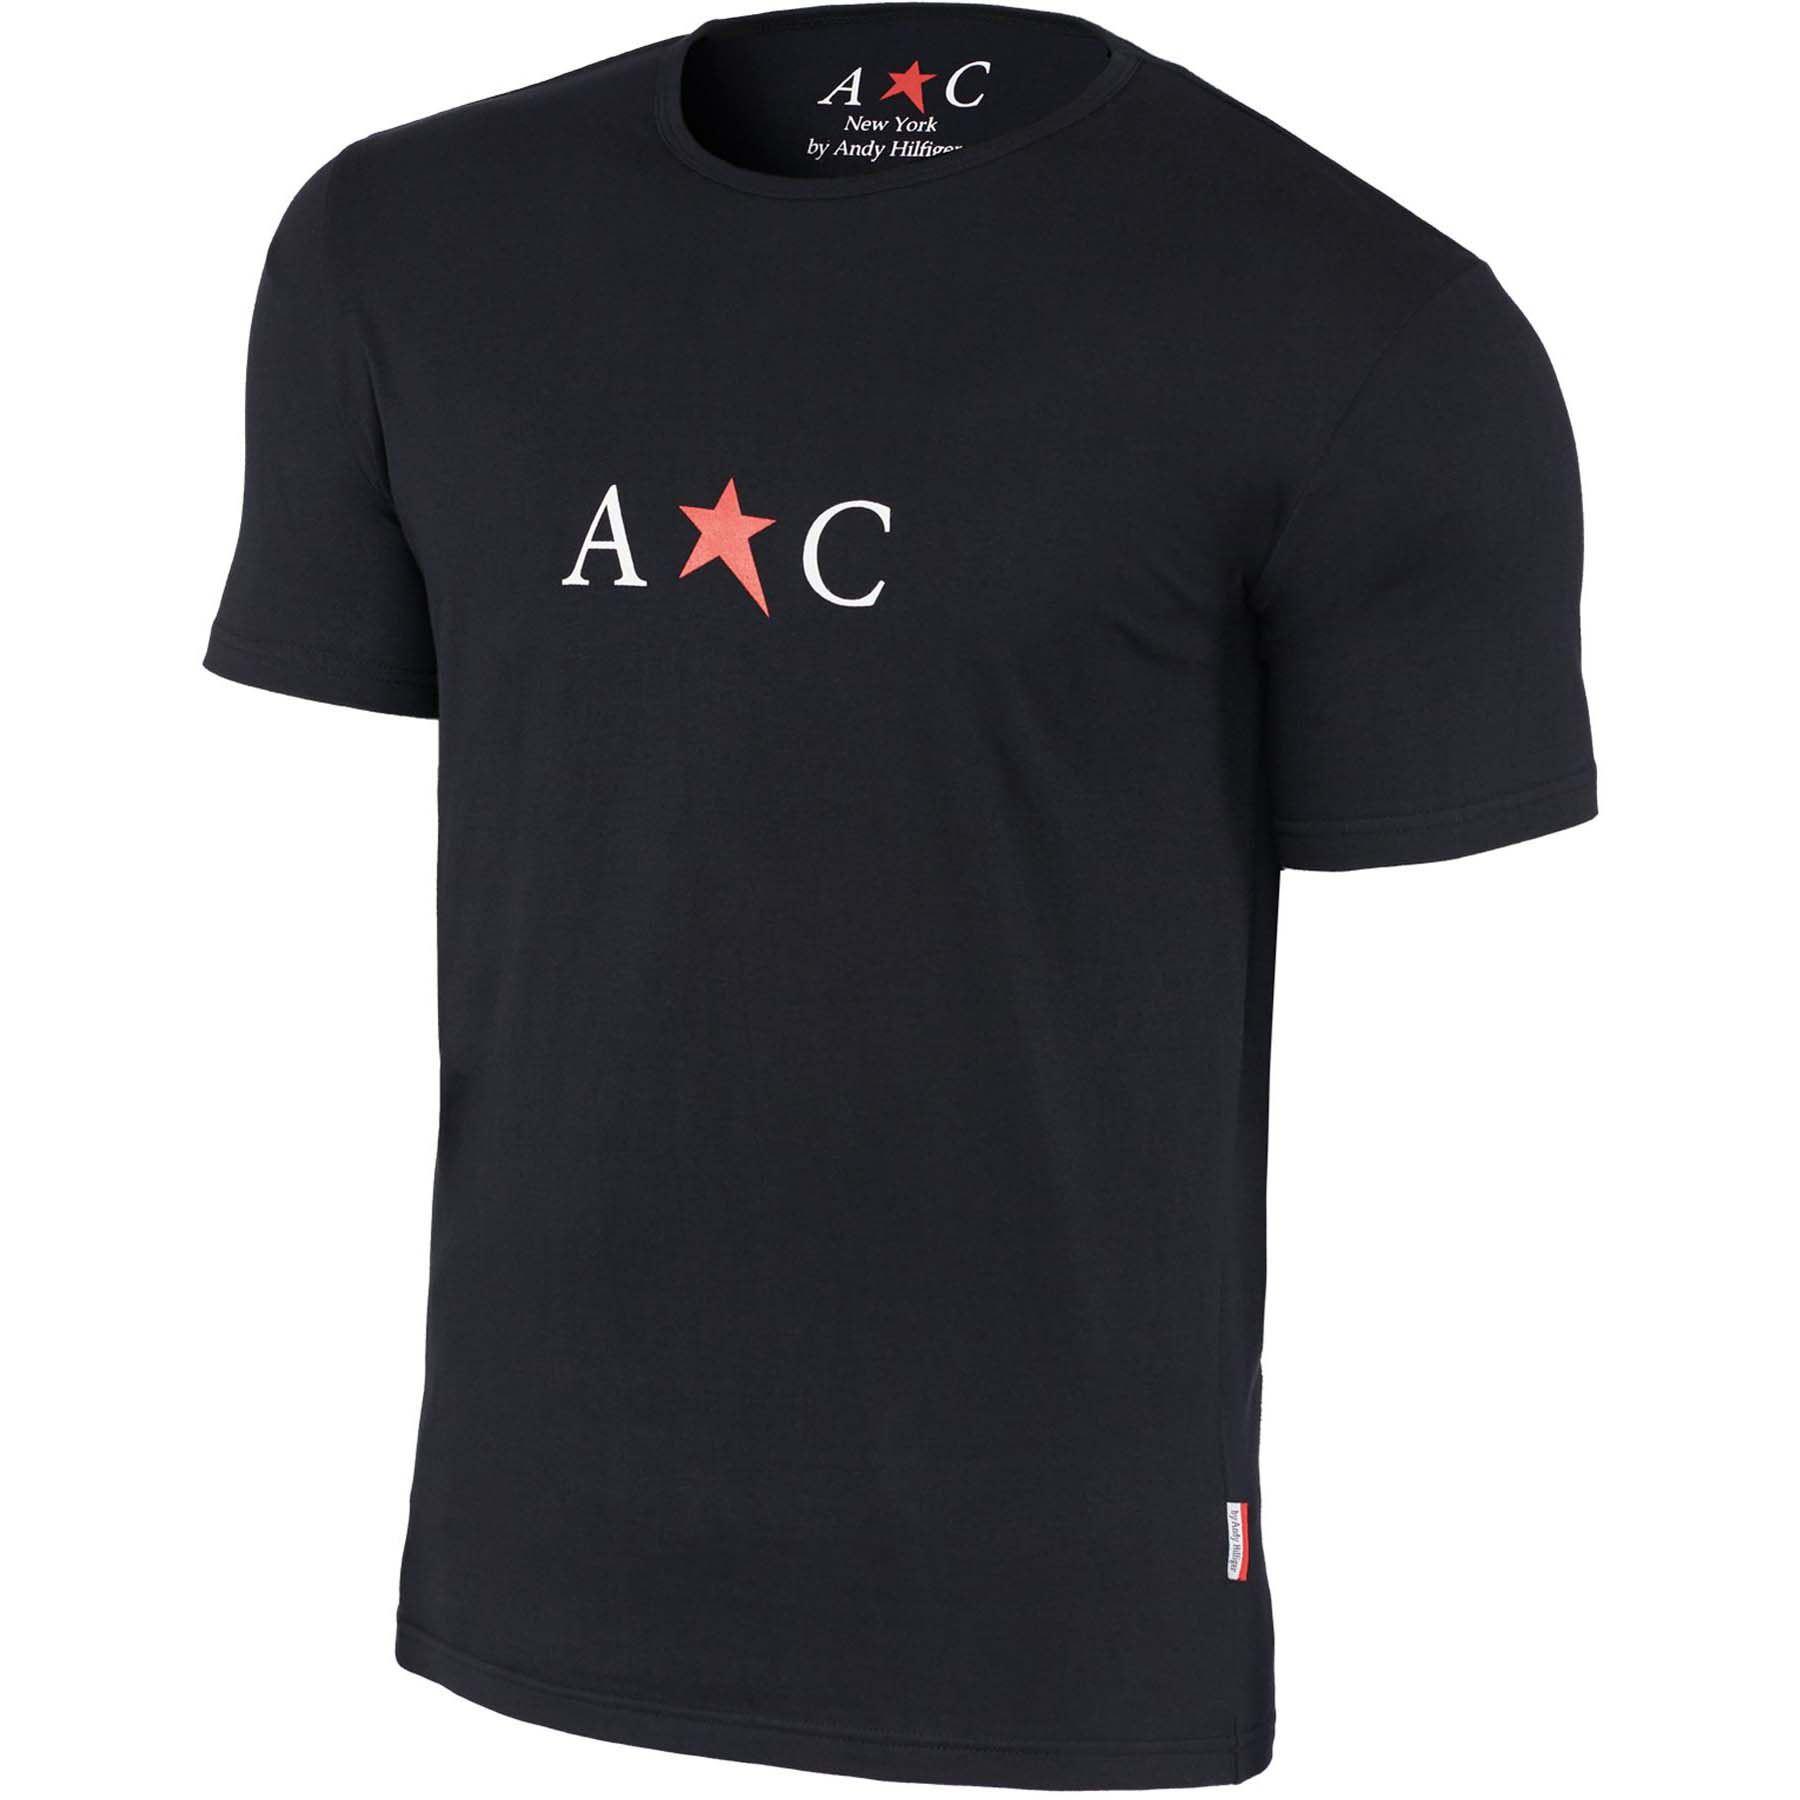 Lot de 3 T-shirts à col rond AC par Andy Hilfiger homme S Noir 963a505fd34